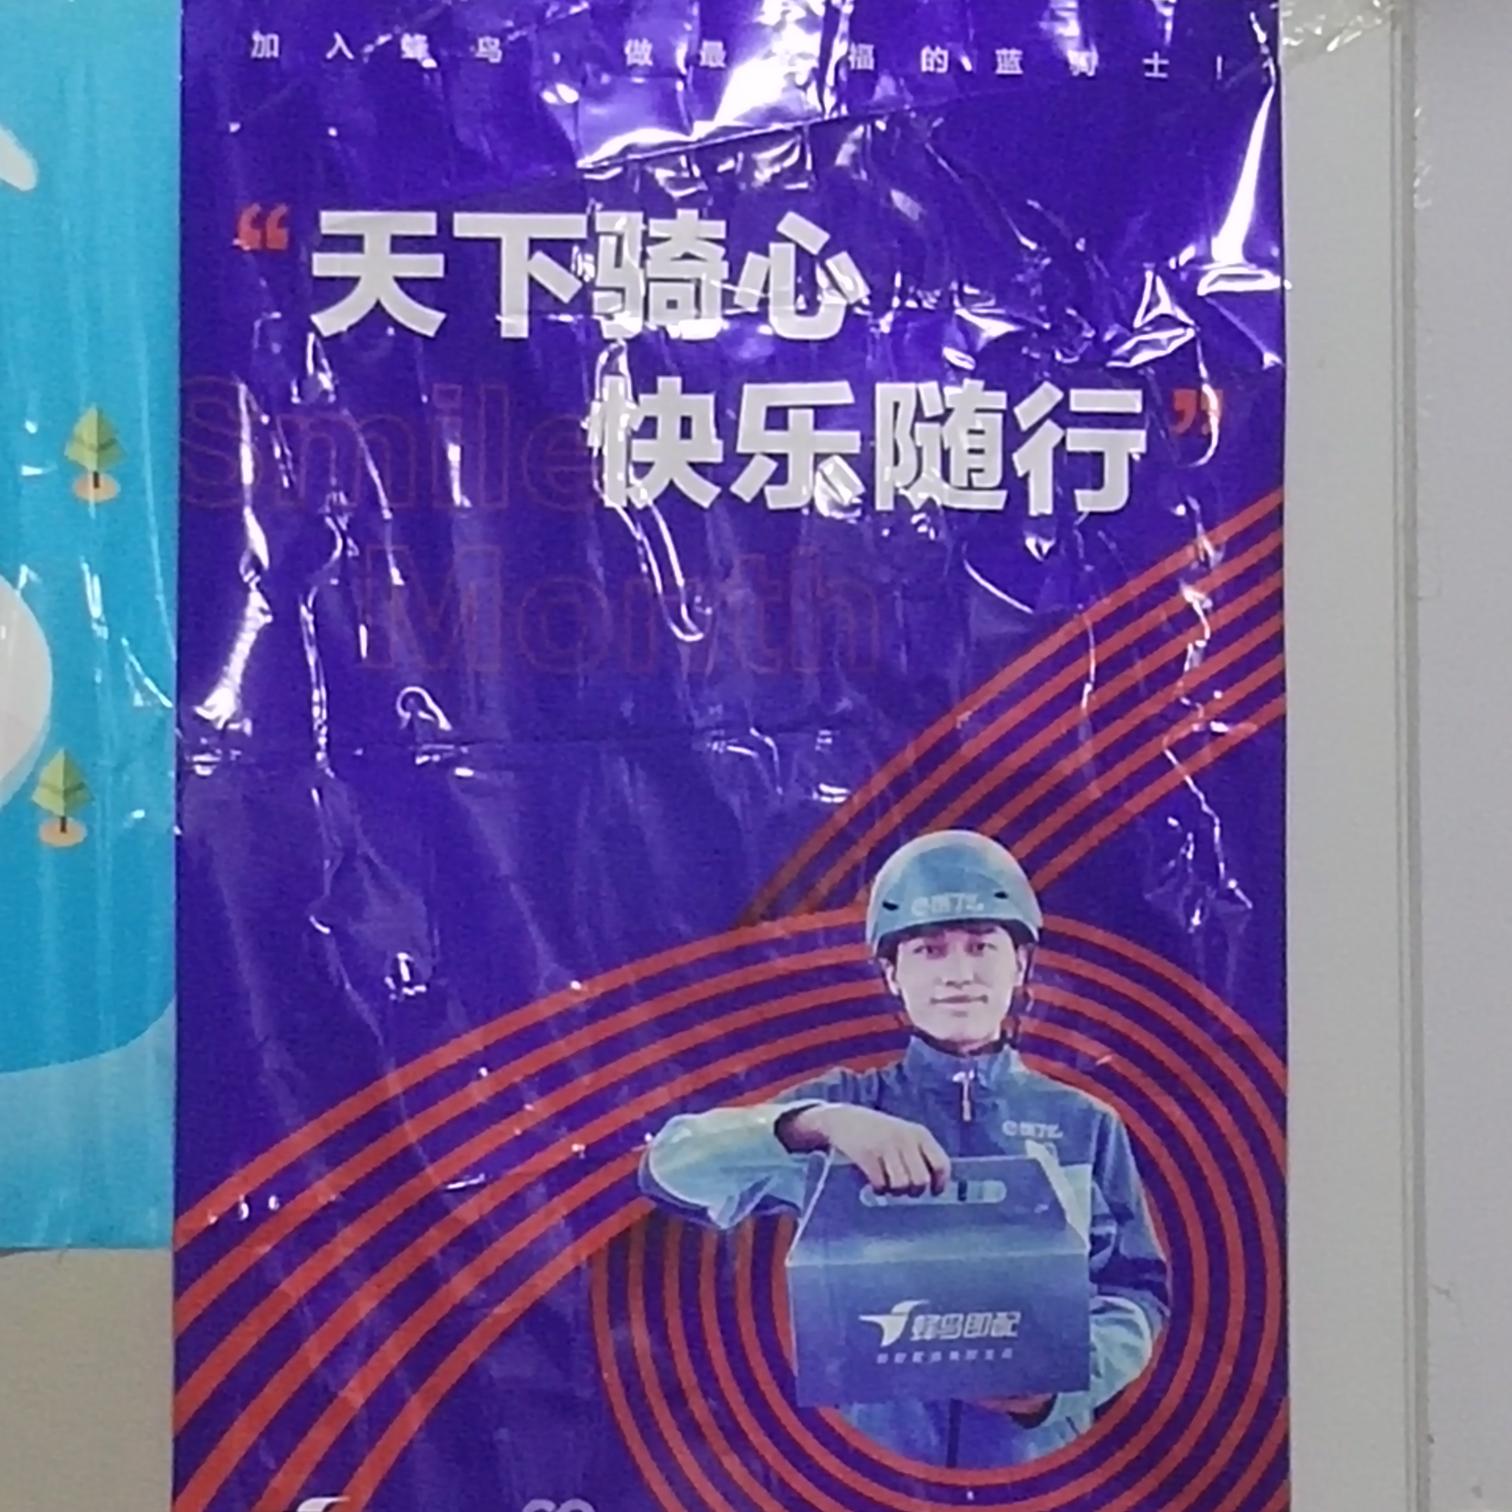 鄭州建華投遞有限公司